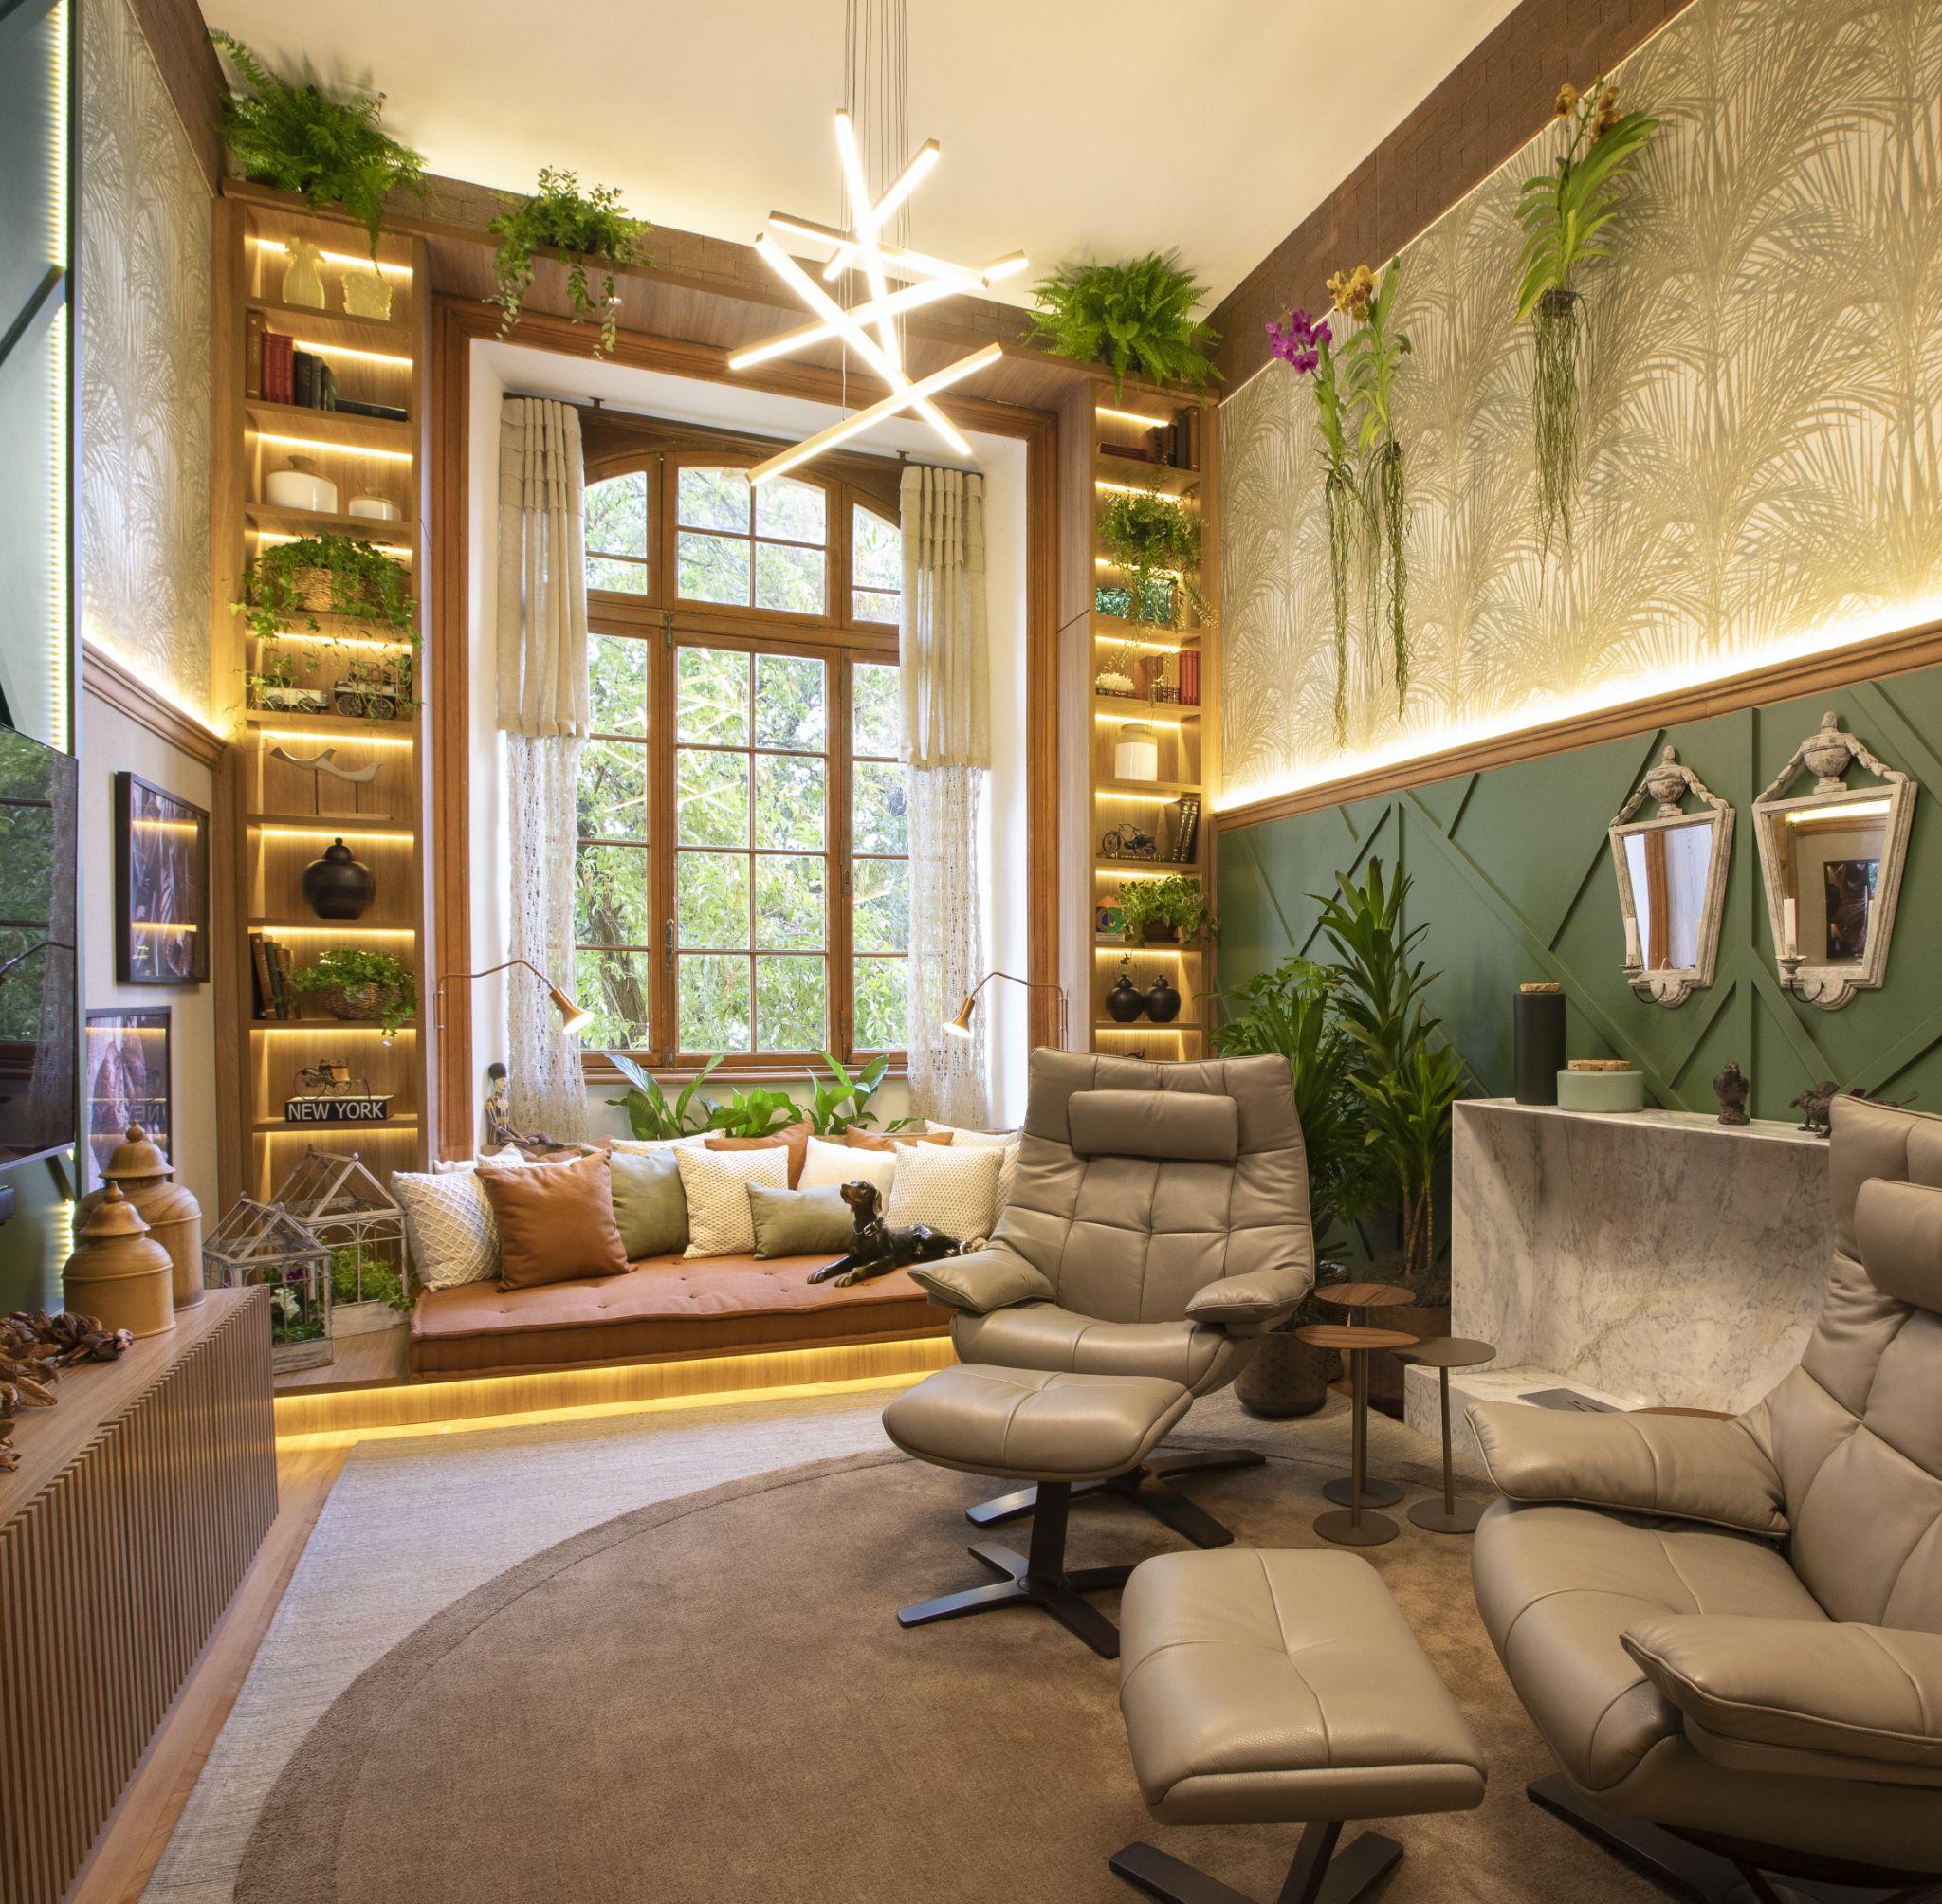 Sala com poltronas cinza, sofá no canto da janela com almofadas coloridas, meia parede verde de fundo e outra metade com papel de parede biofilia, janela grande de madeira com nichos nas laterais